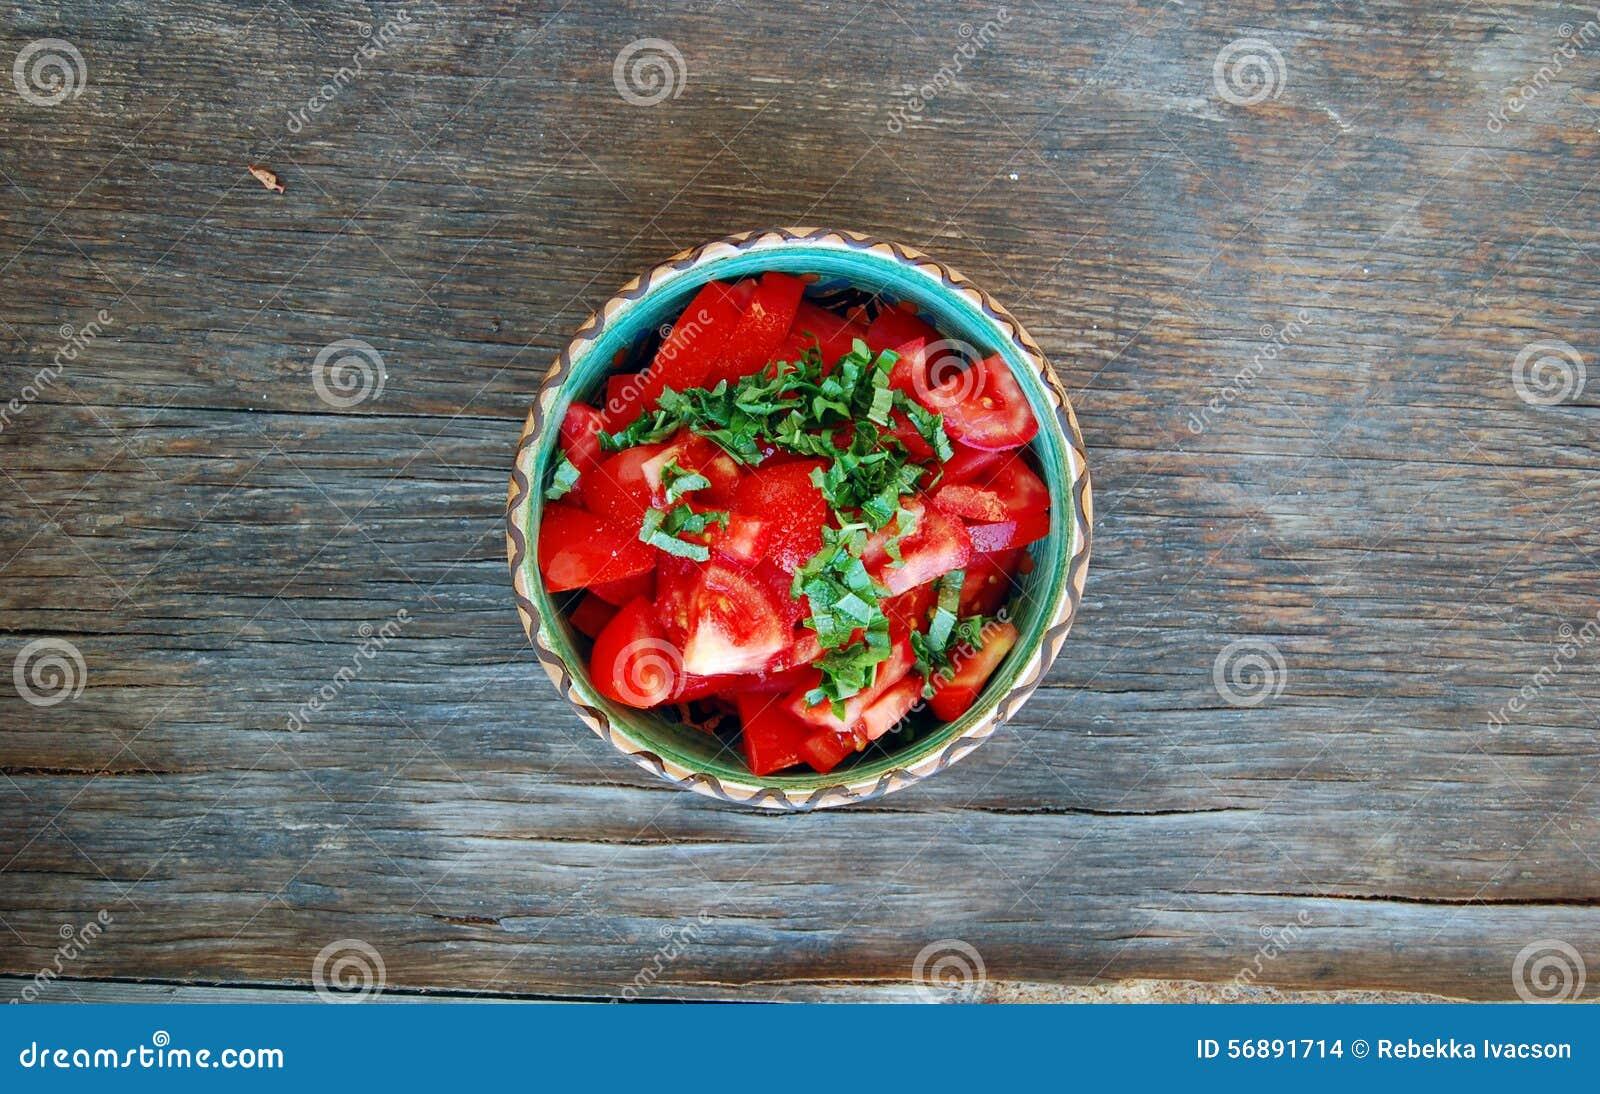 Insalata fresca del pomodoro con basilico